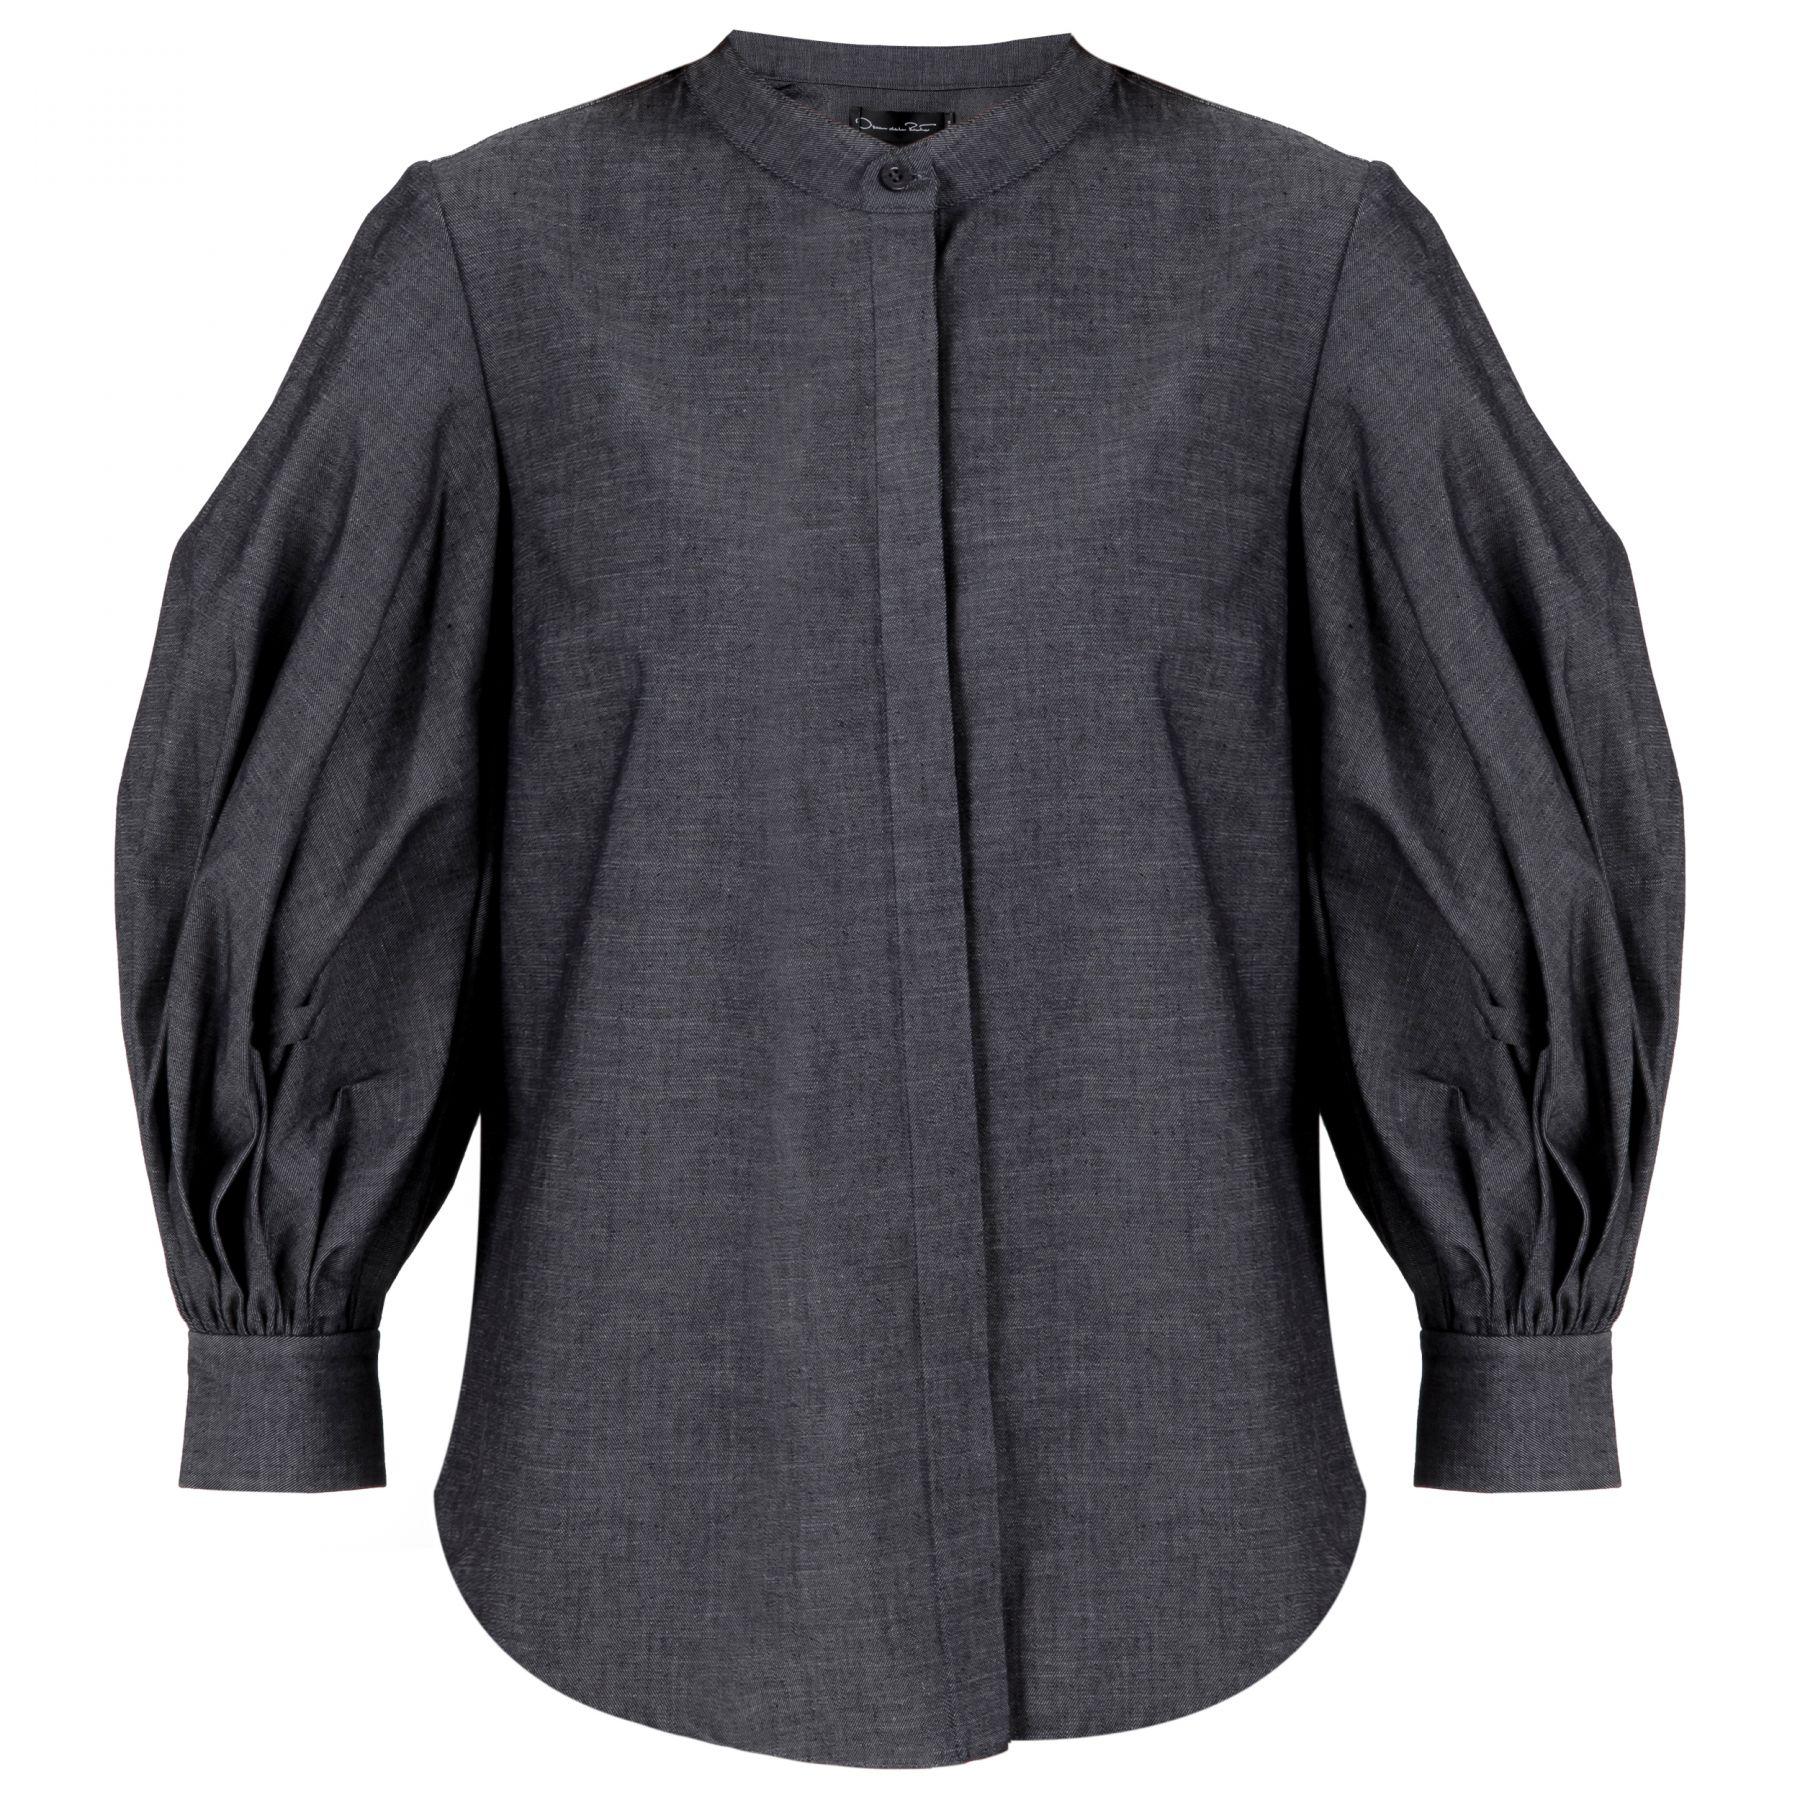 Рубашка с длинными рукавами Oscar de la Renta серая